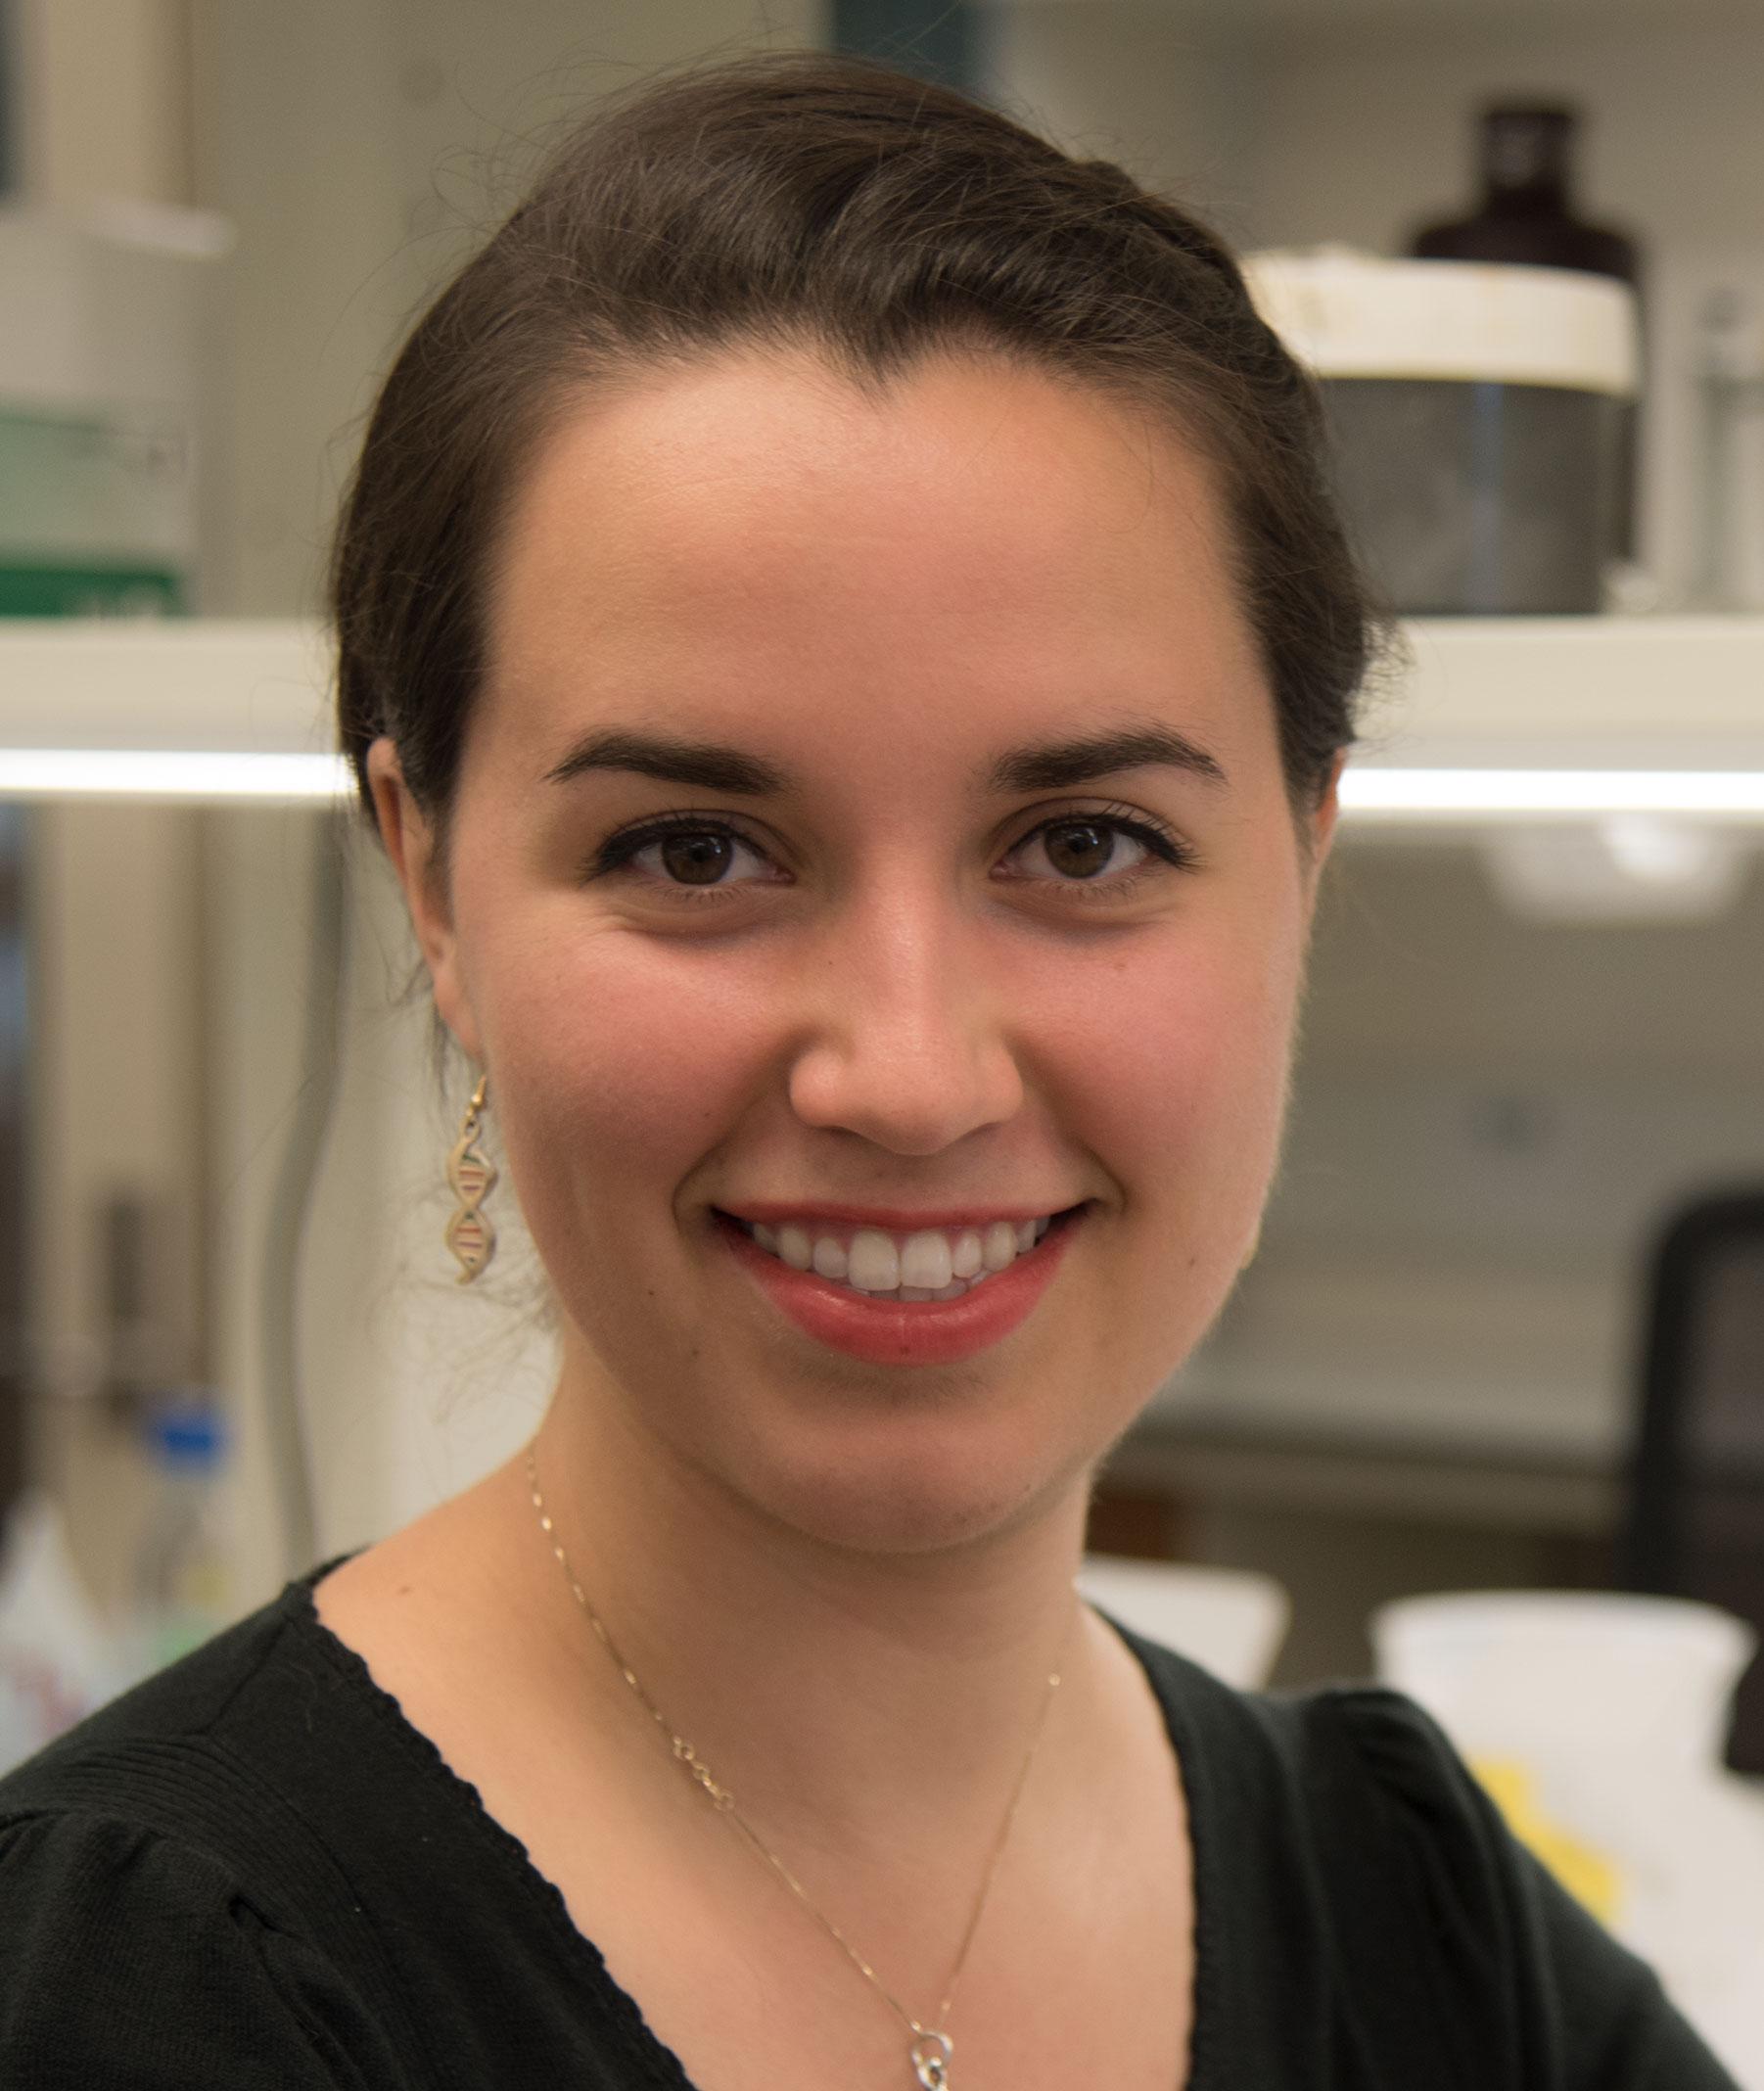 Photo of Katherine Mueller, BTP Trainee